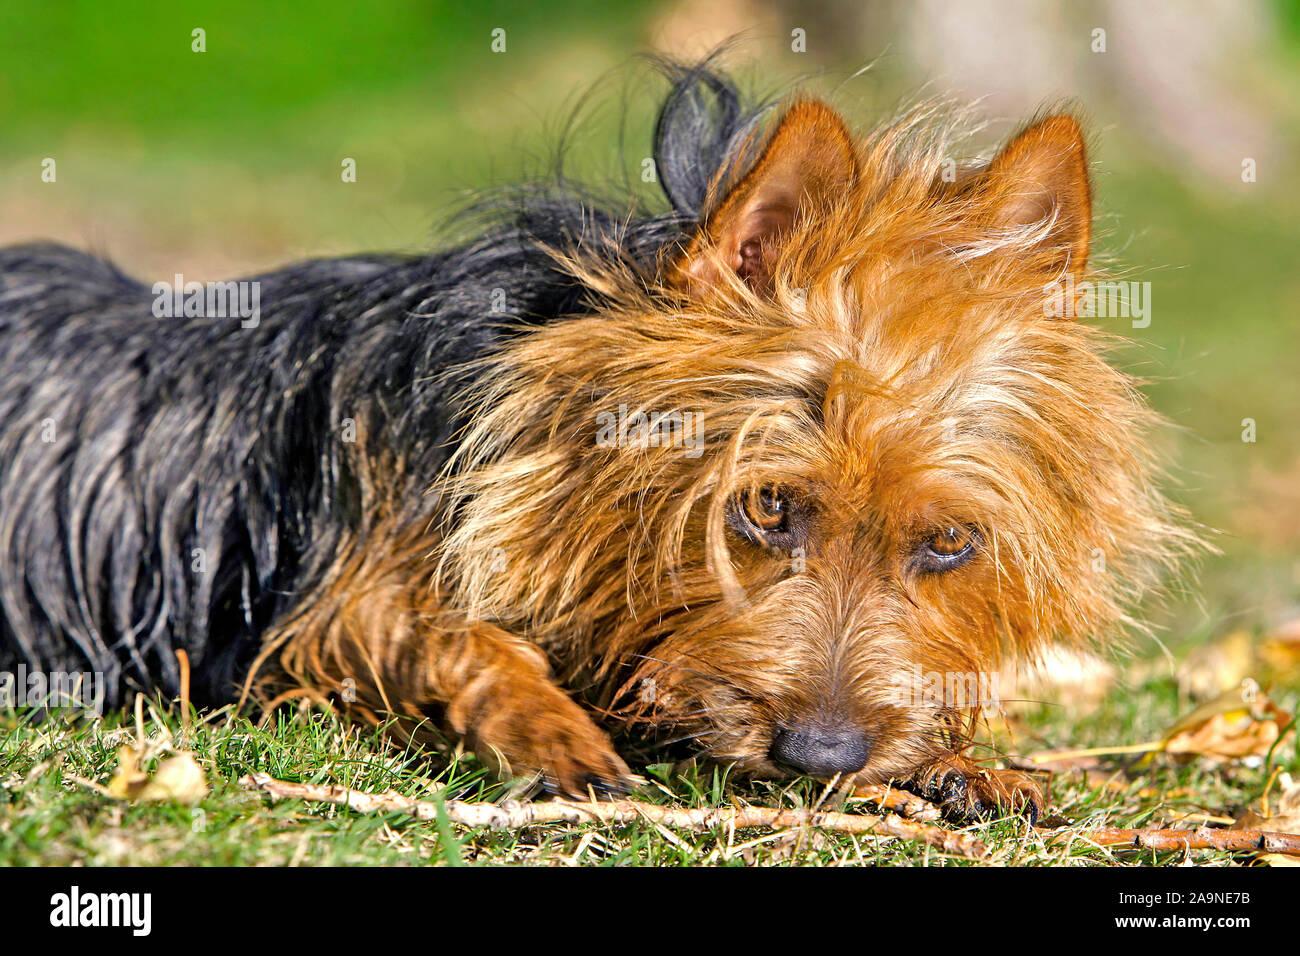 Cerca del Terrier australiano sobre el césped jugando con bastón Foto de stock